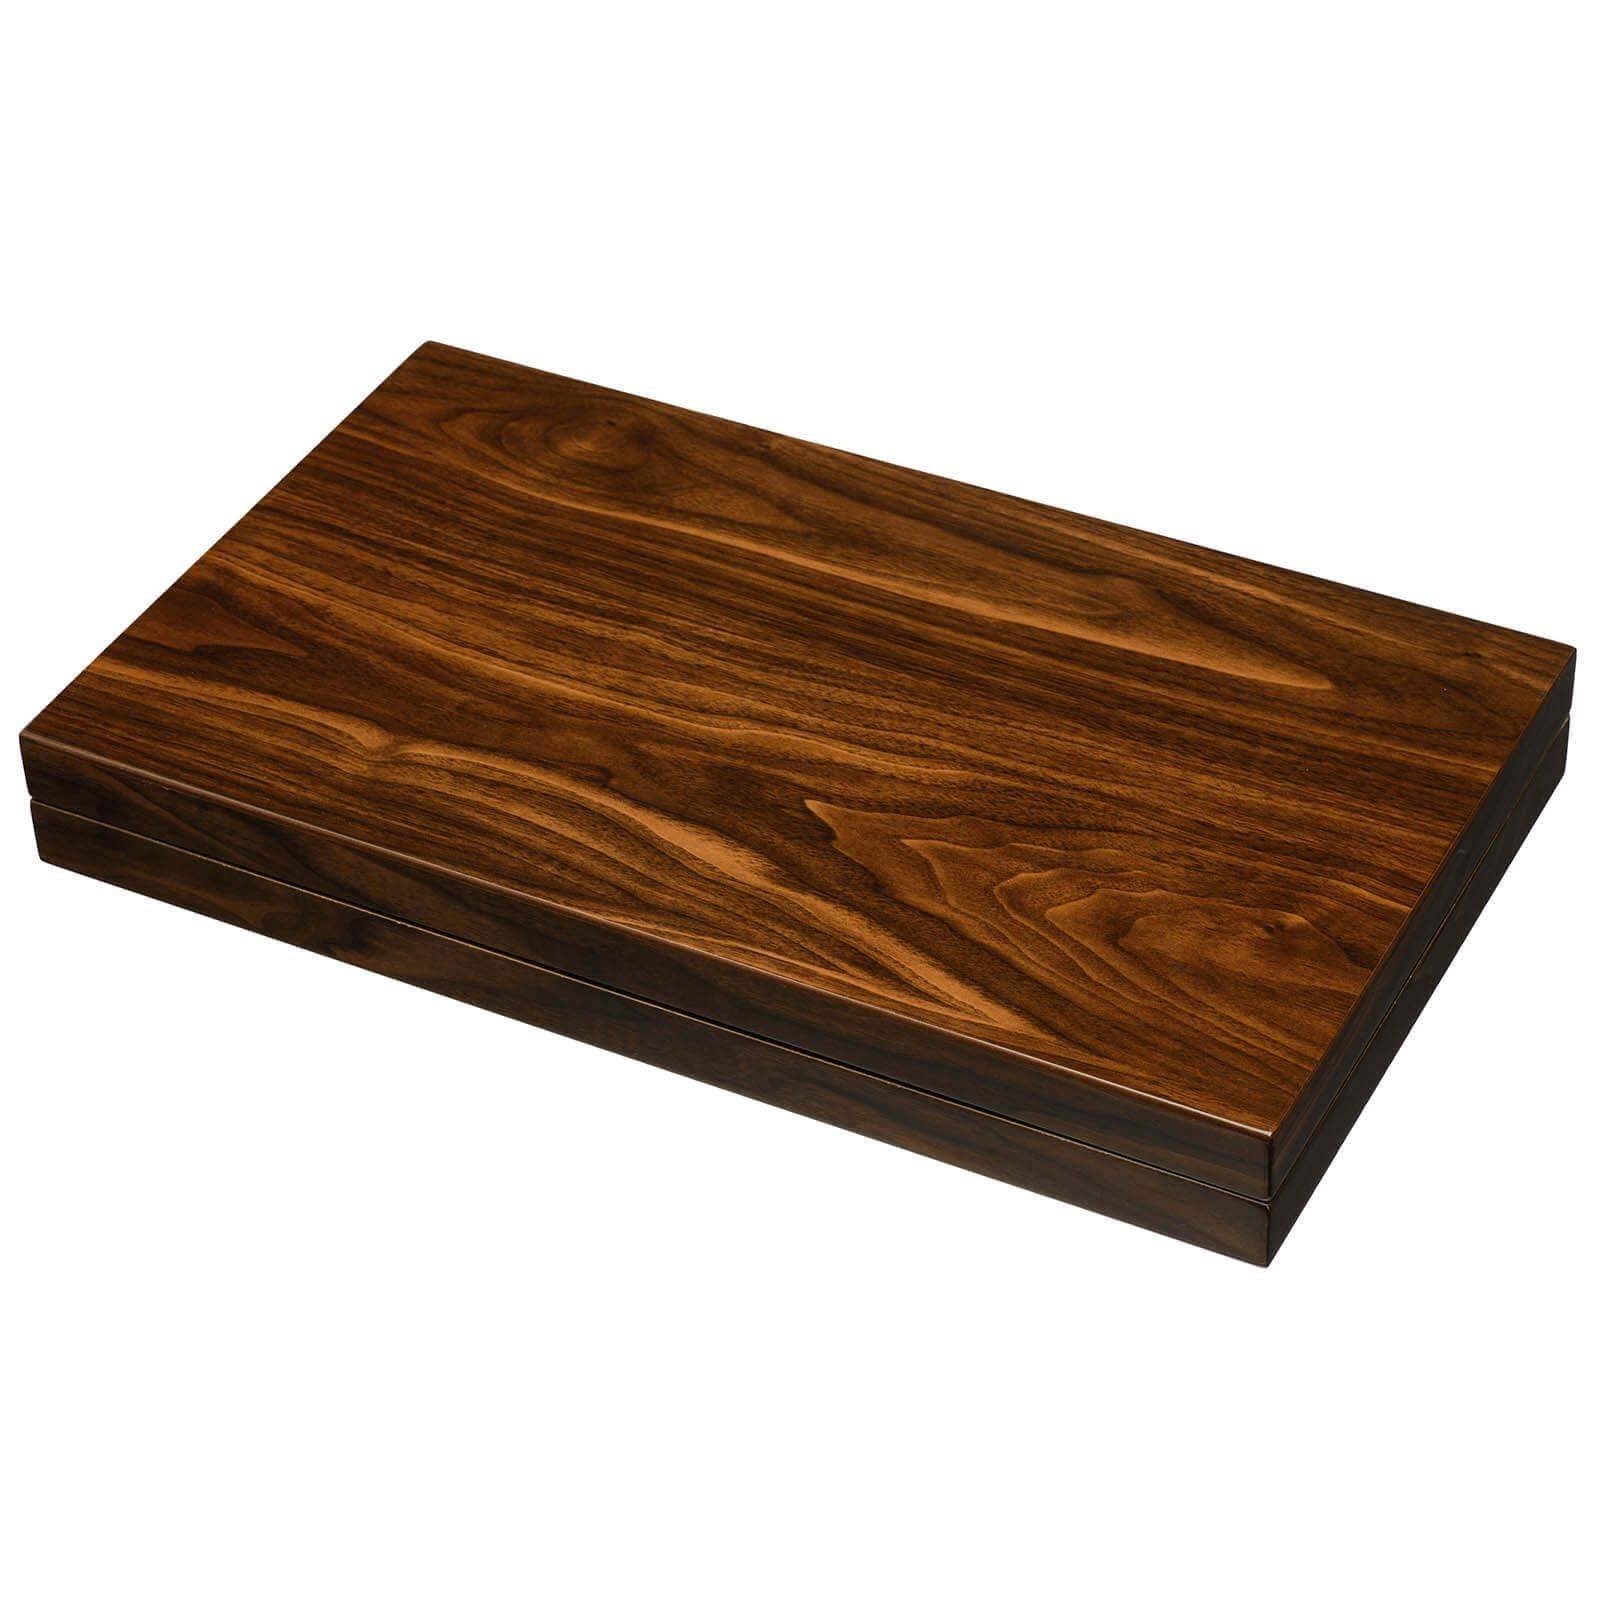 Wood Grain Lacquer Backgammon Set Closed